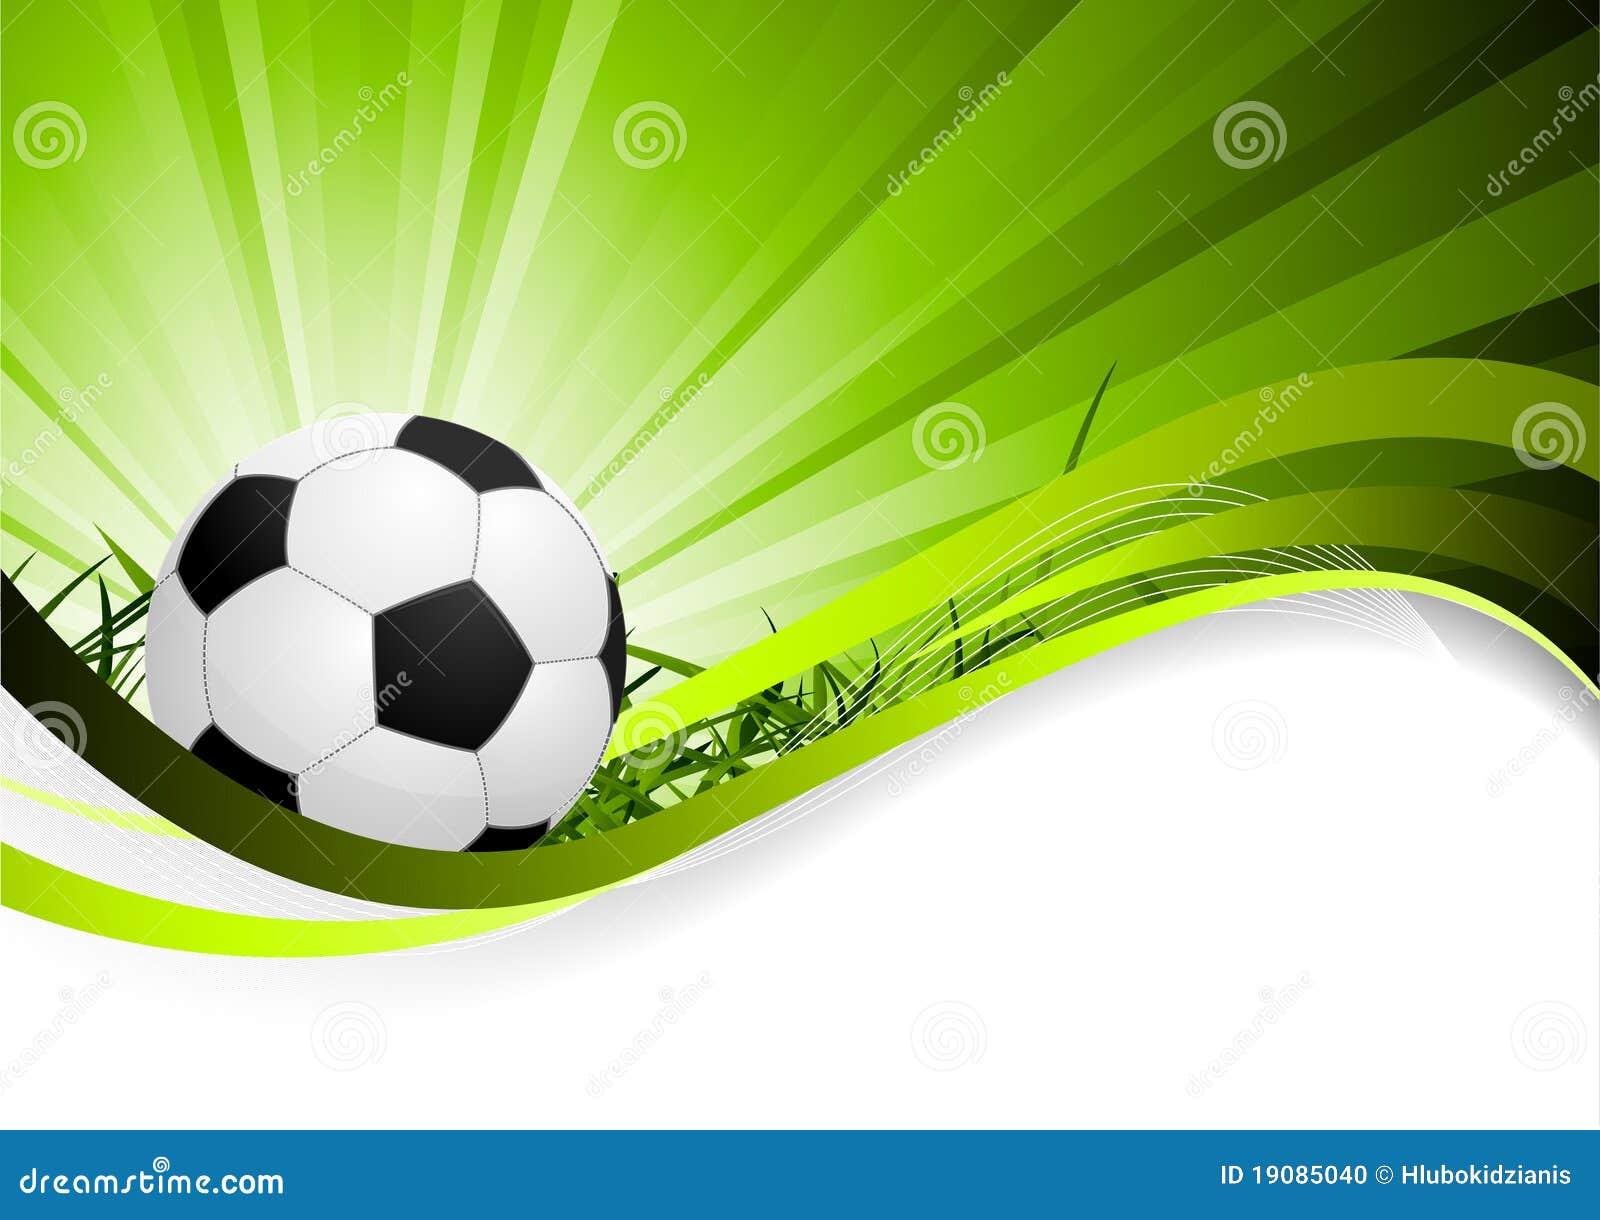 Fondo abstracto del f tbol ilustraci n del vector for Fondos de futbol